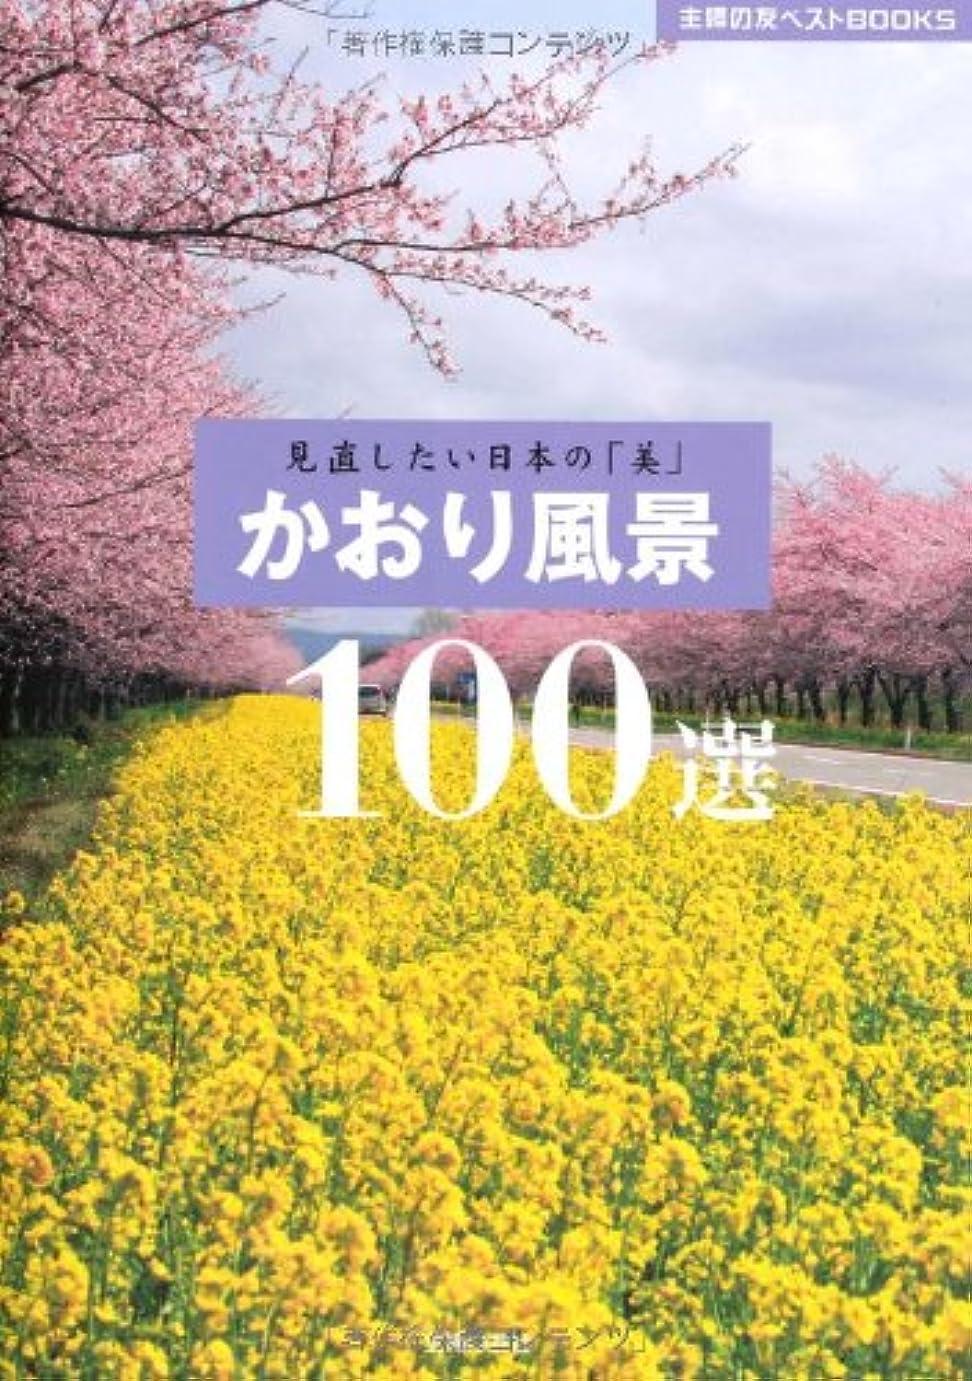 アコー床を掃除する忘れるかおり風景100選―見直したい日本の「美」 (主婦の友ベストBOOKS)